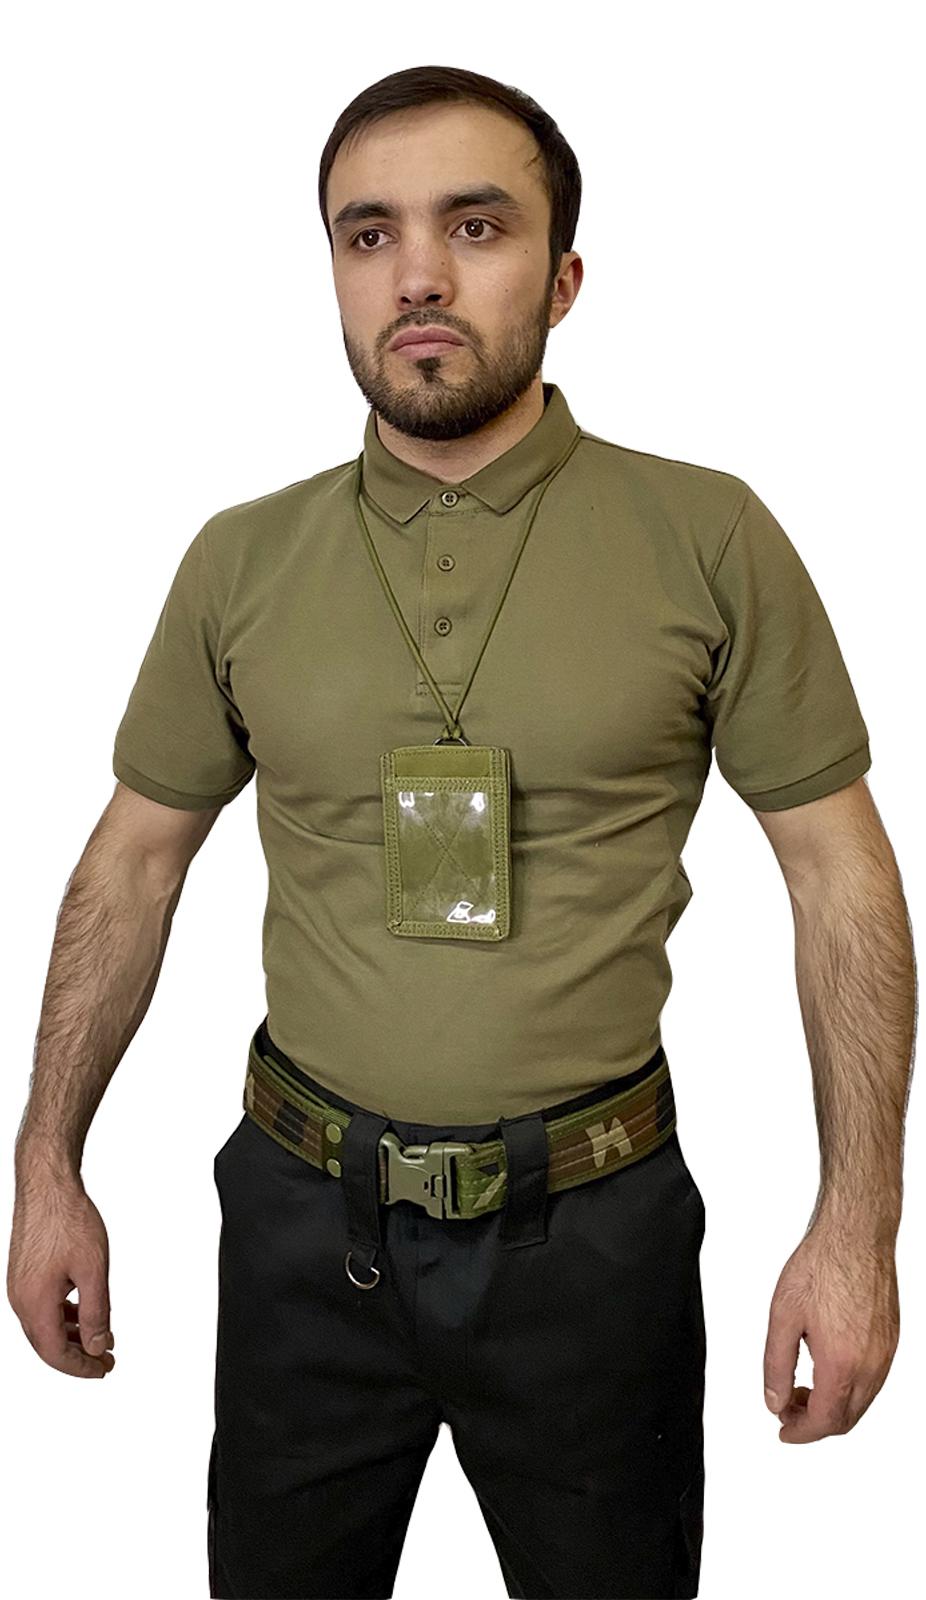 Армейский чехол-держатель для ID-карт и документов (хаки-олива)